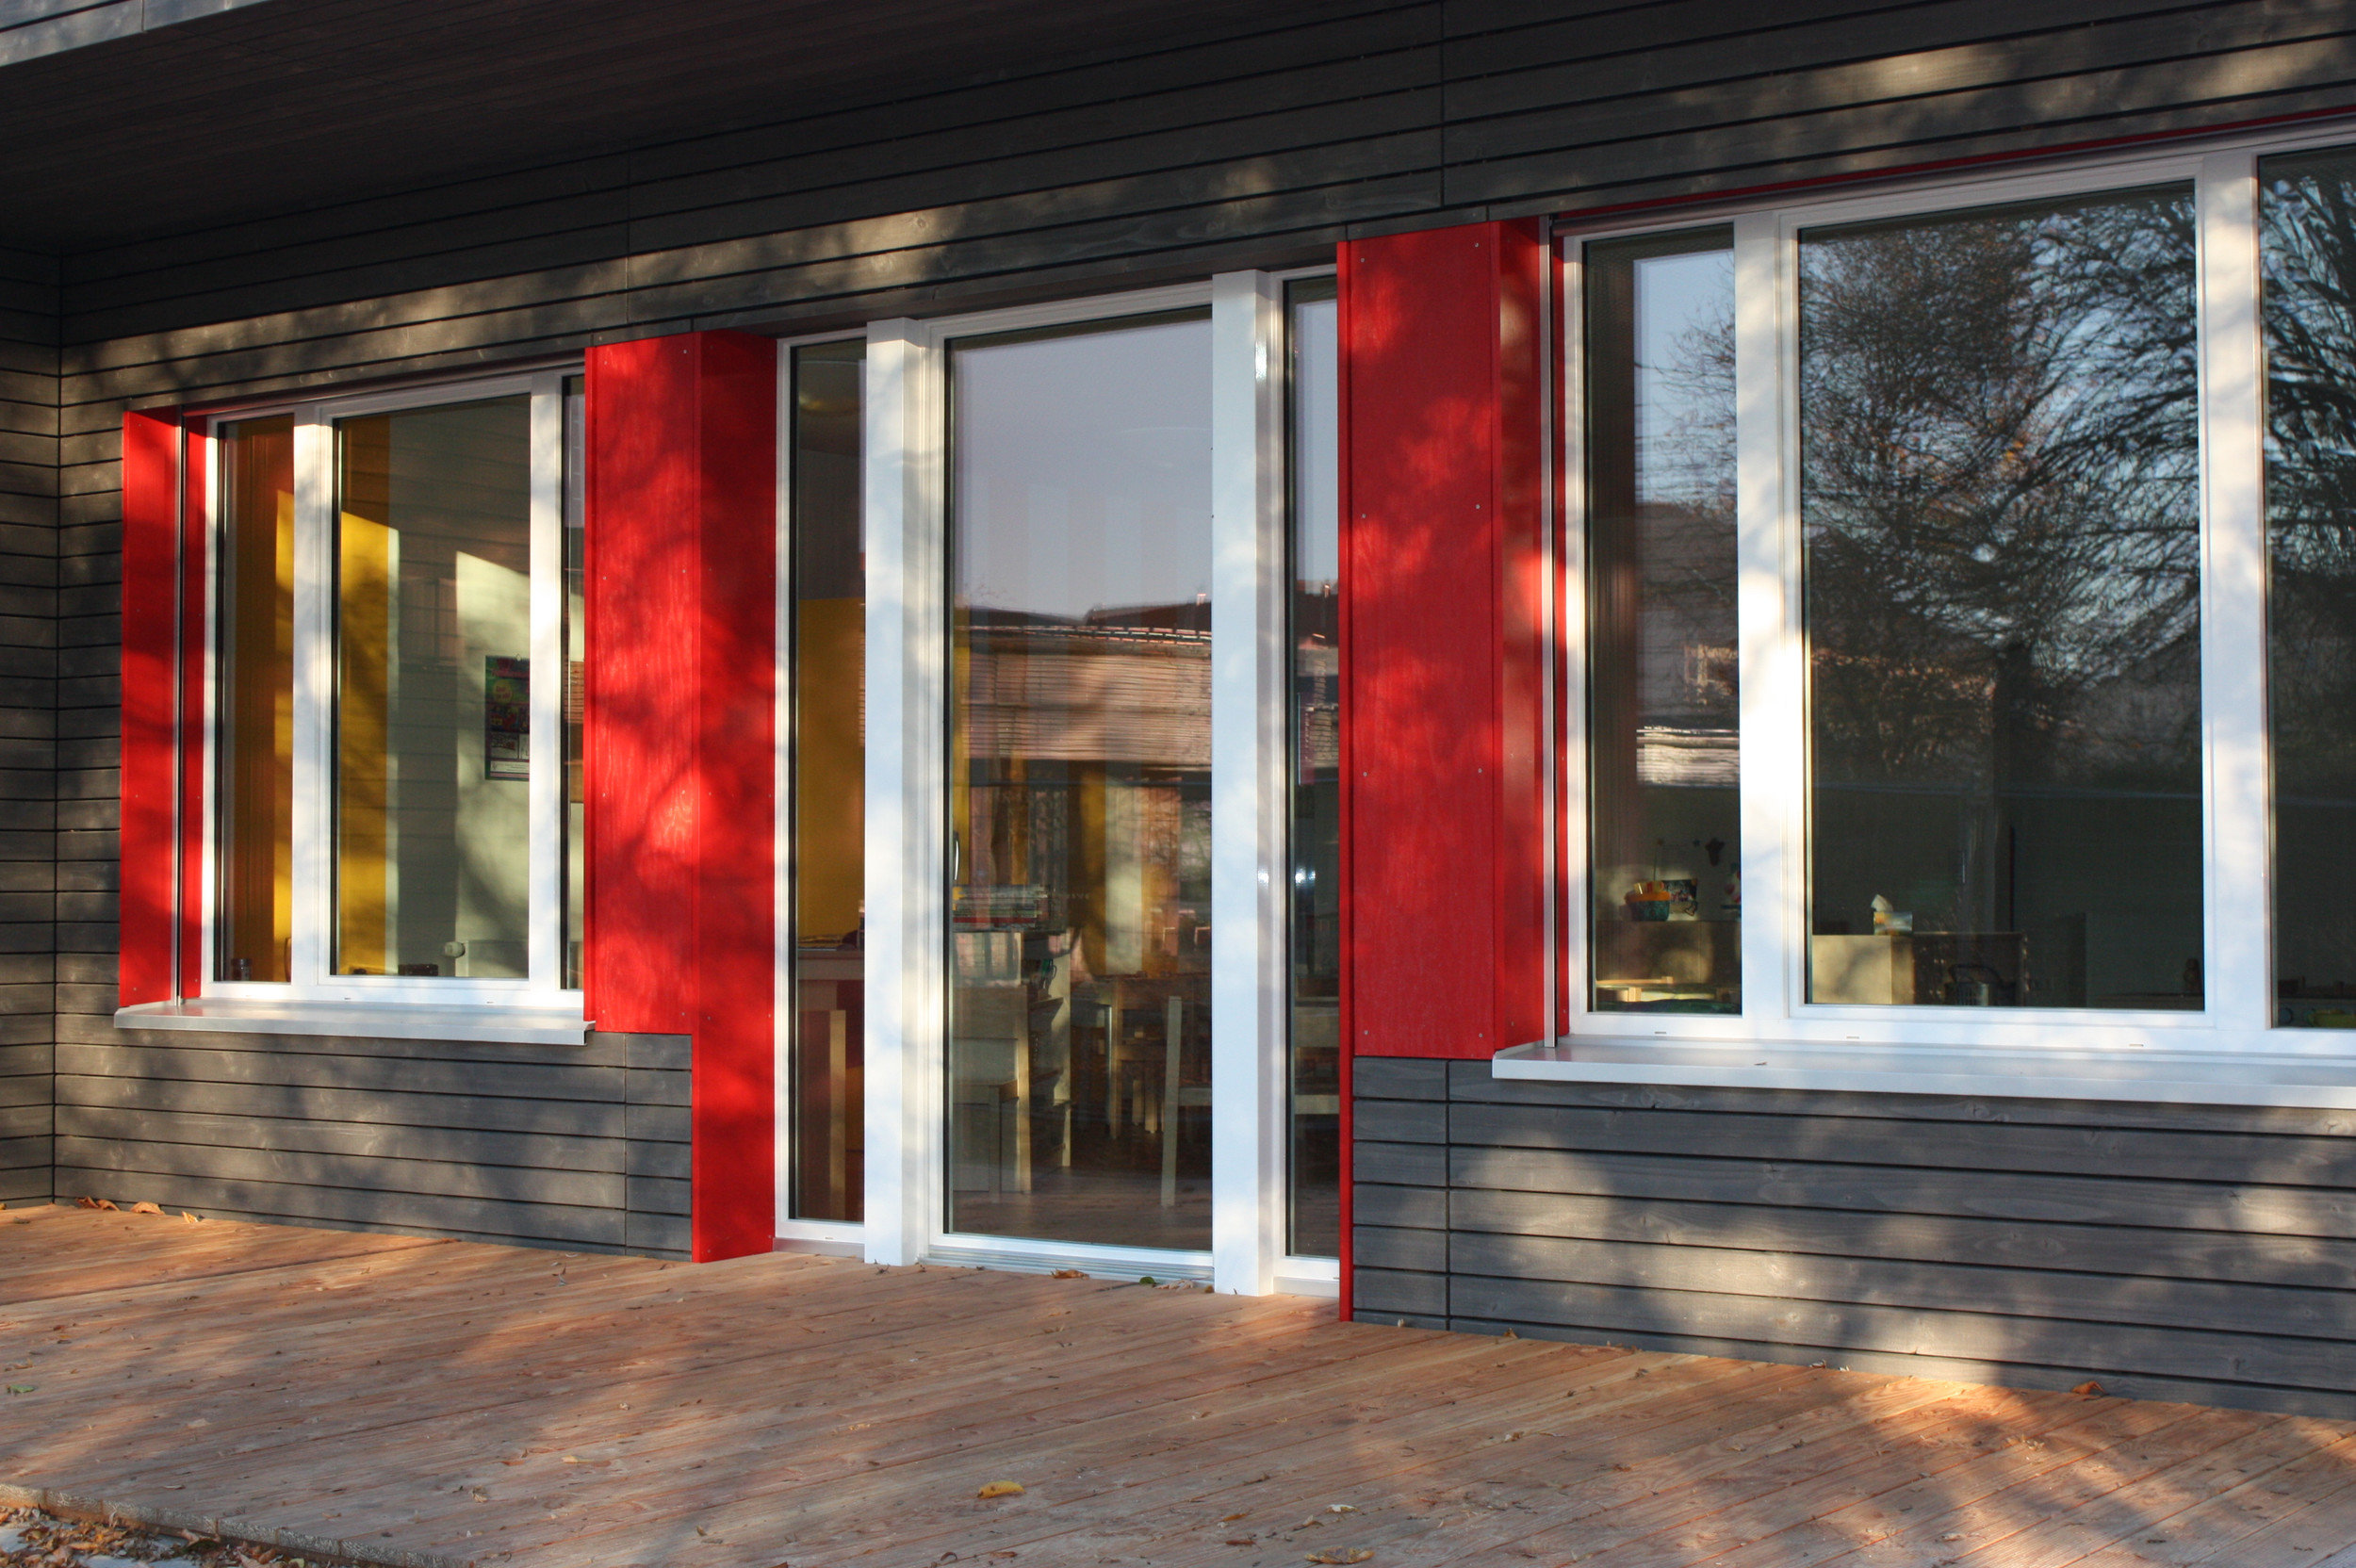 Eingang zwischen zwei gleich grossen 3-teiligen Fensterelementen